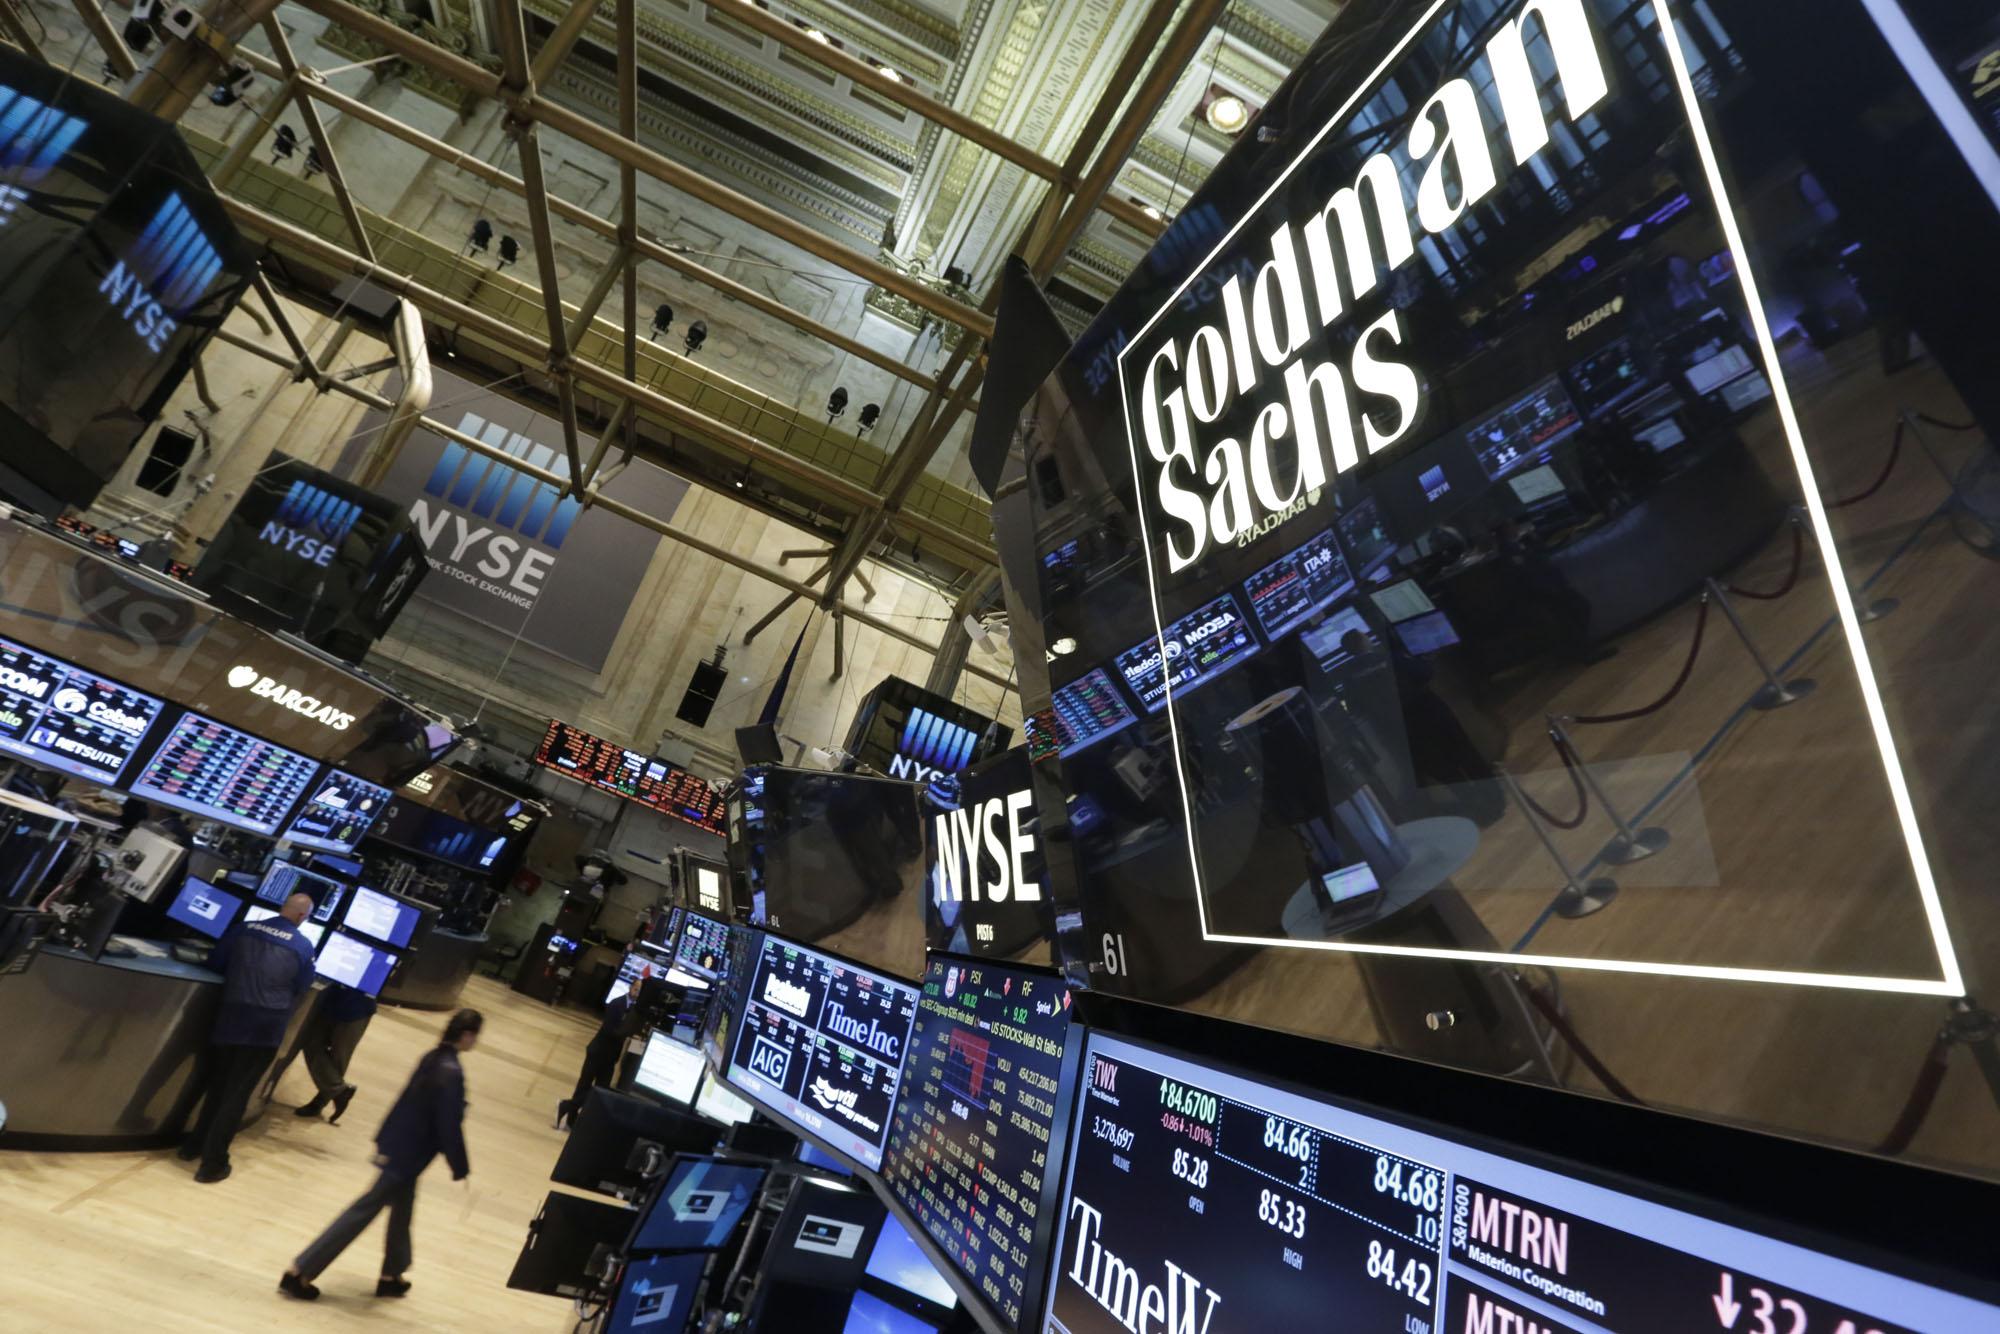 گلدمن ساکس: قیمت نفت به 40 دلار بازمیگردد